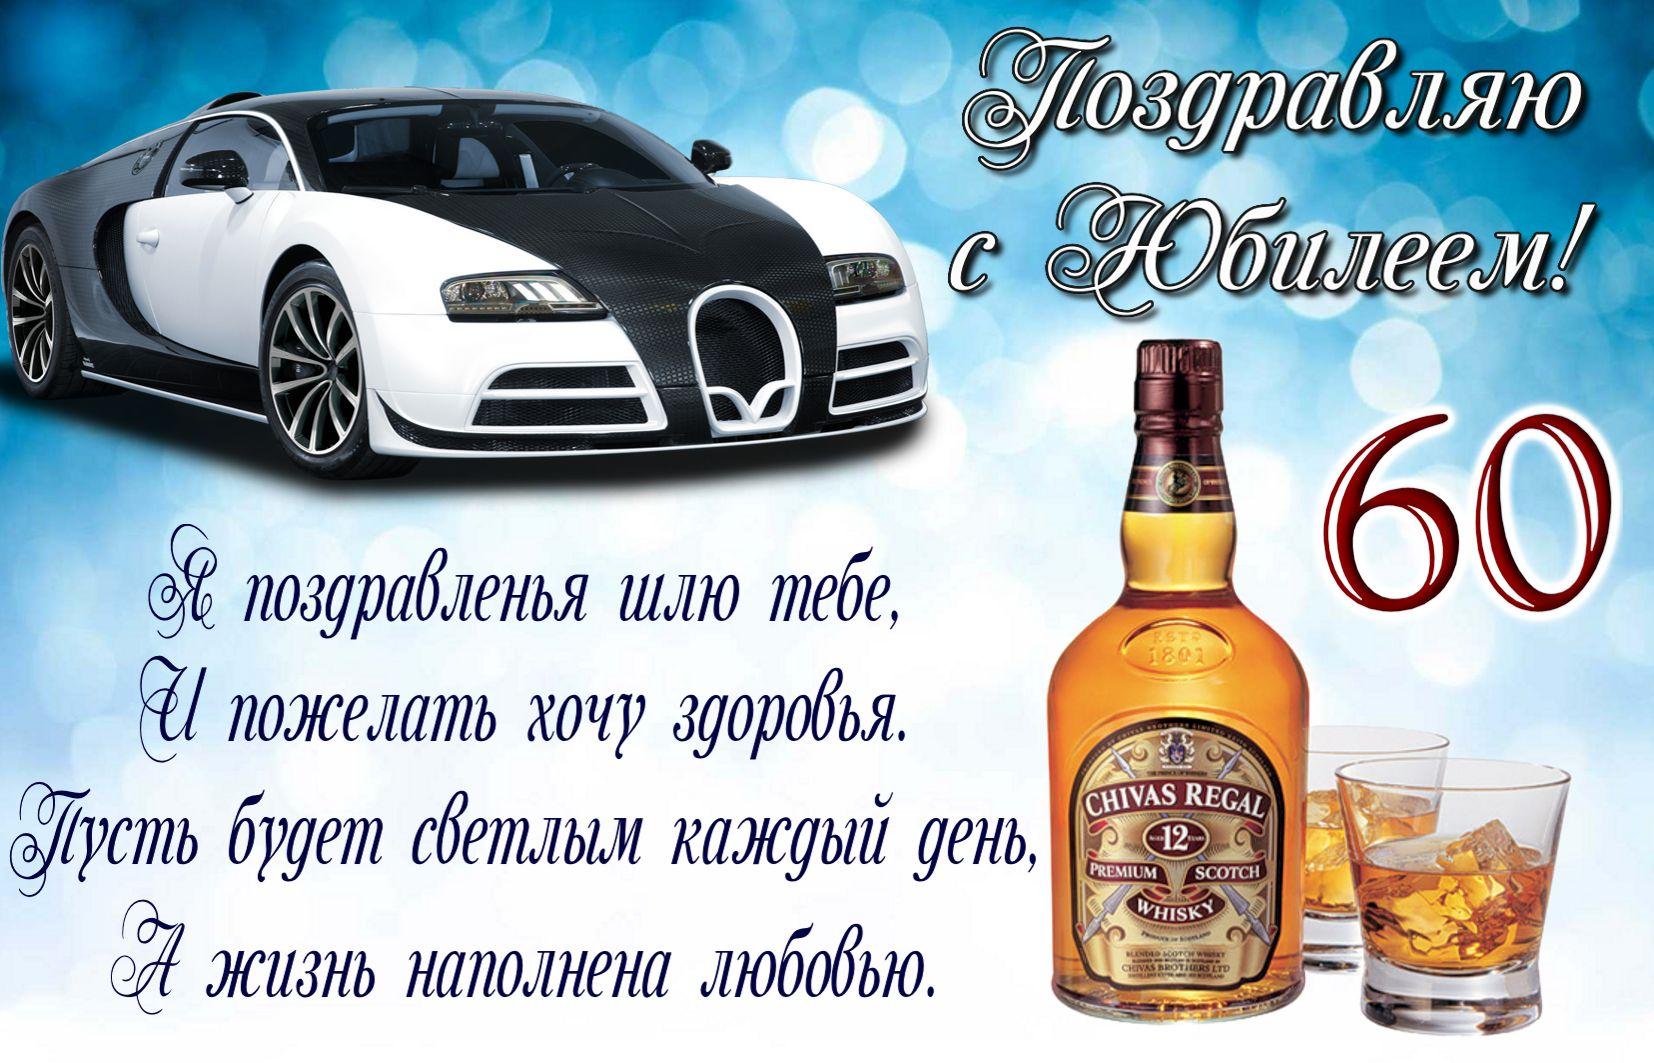 Открытка с виски и спортивной машиной